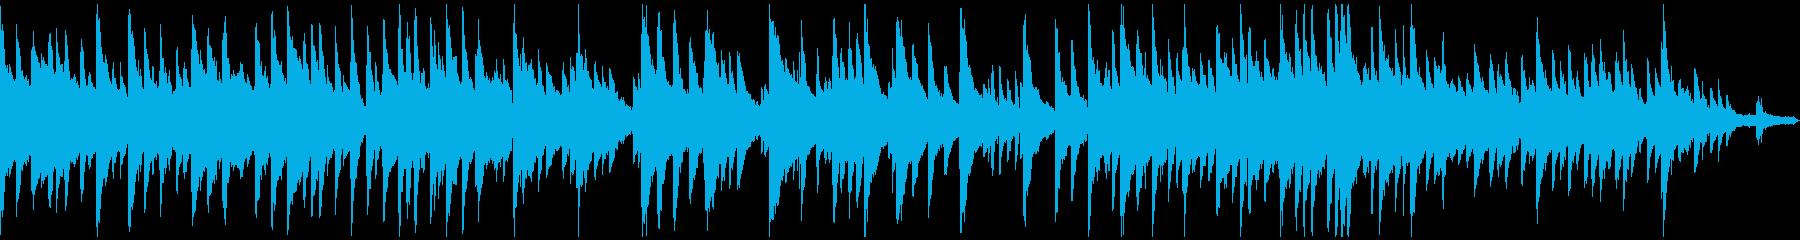 穏やかで温かいピアノ/ゲーム映像/M15の再生済みの波形